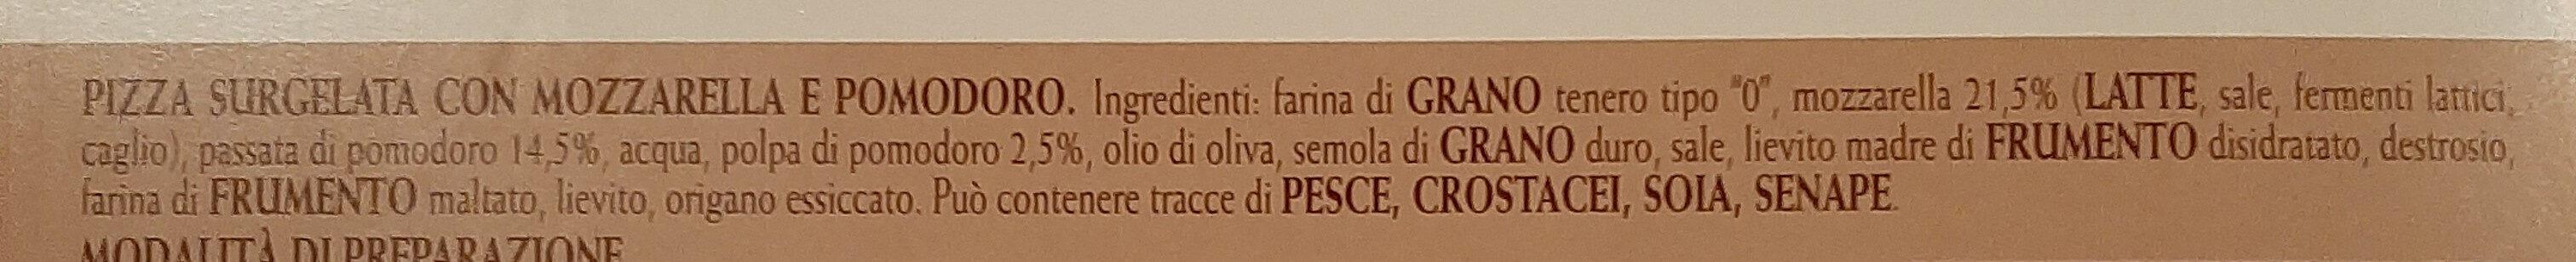 Pizza Margherita - Ingrédients - it